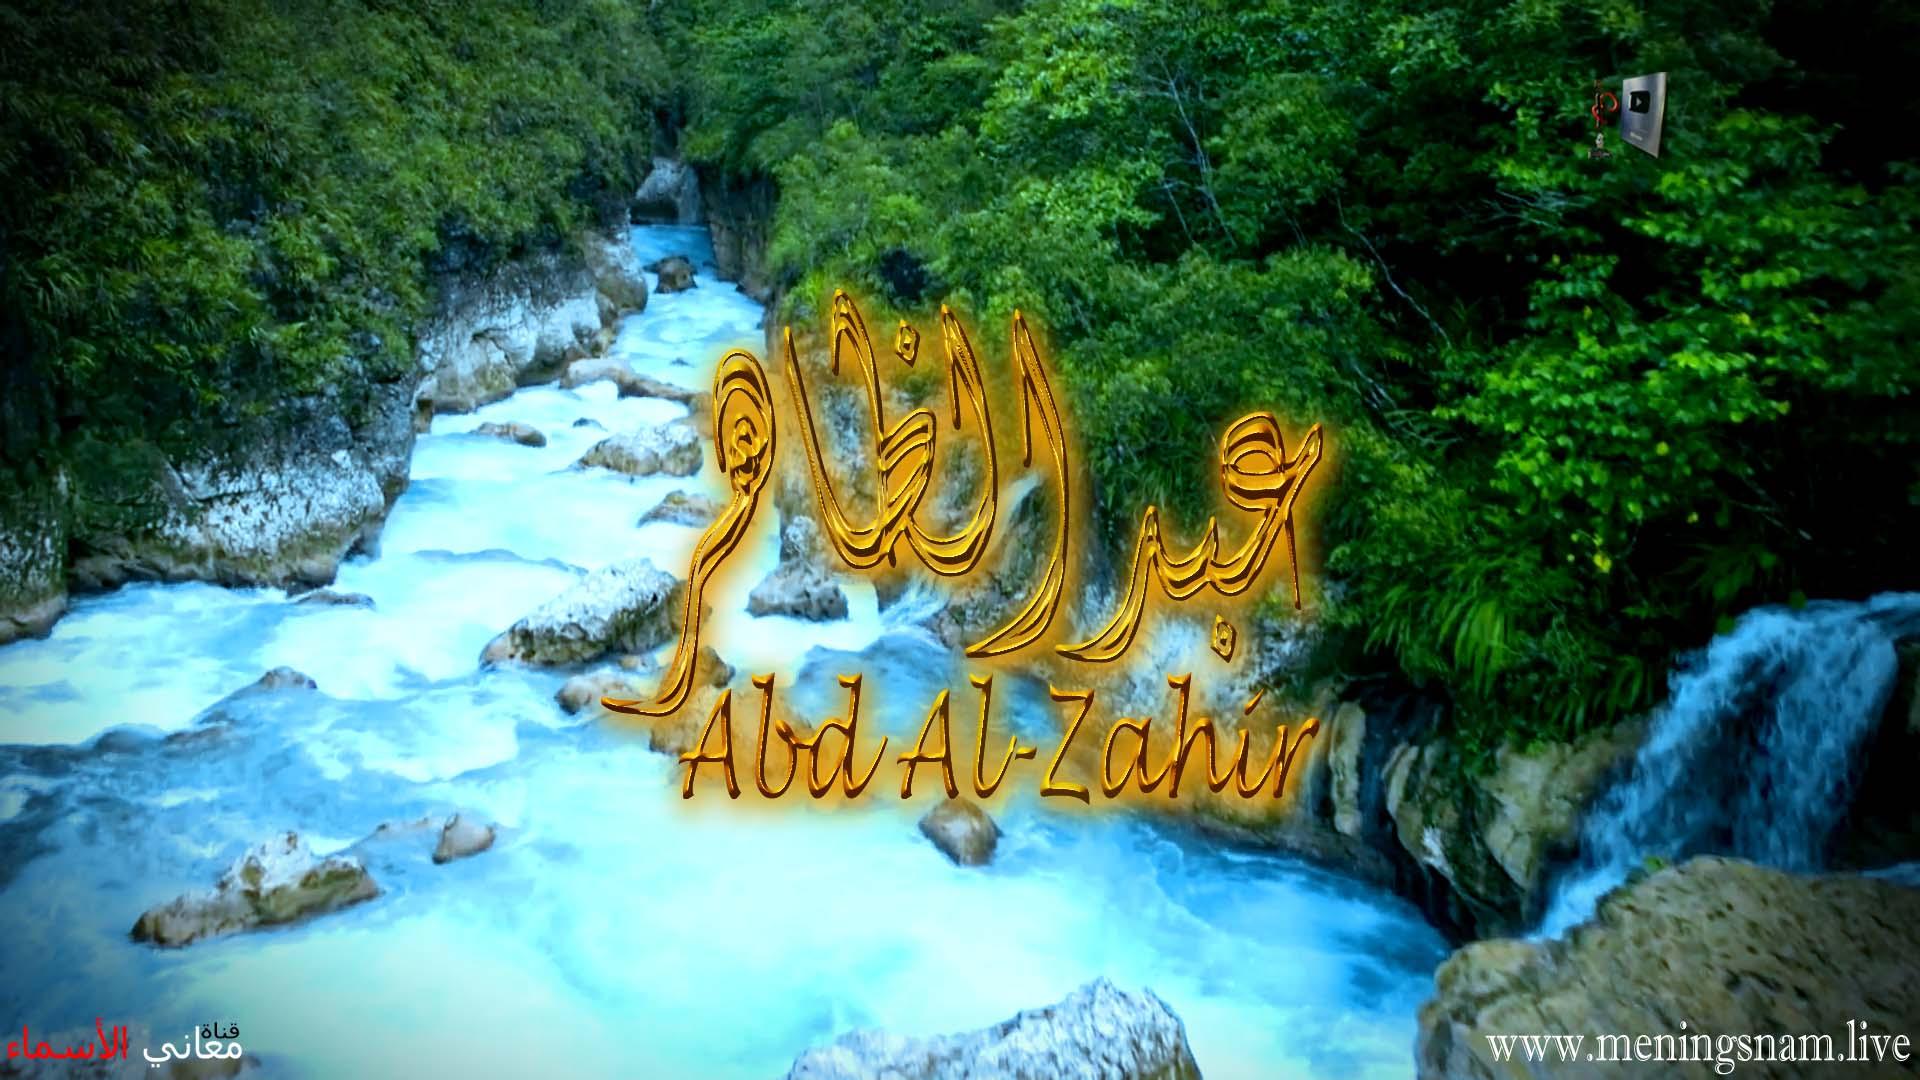 معنى اسم عبد الظاهر وصفات حامل هذا الاسم Abdul Zahir